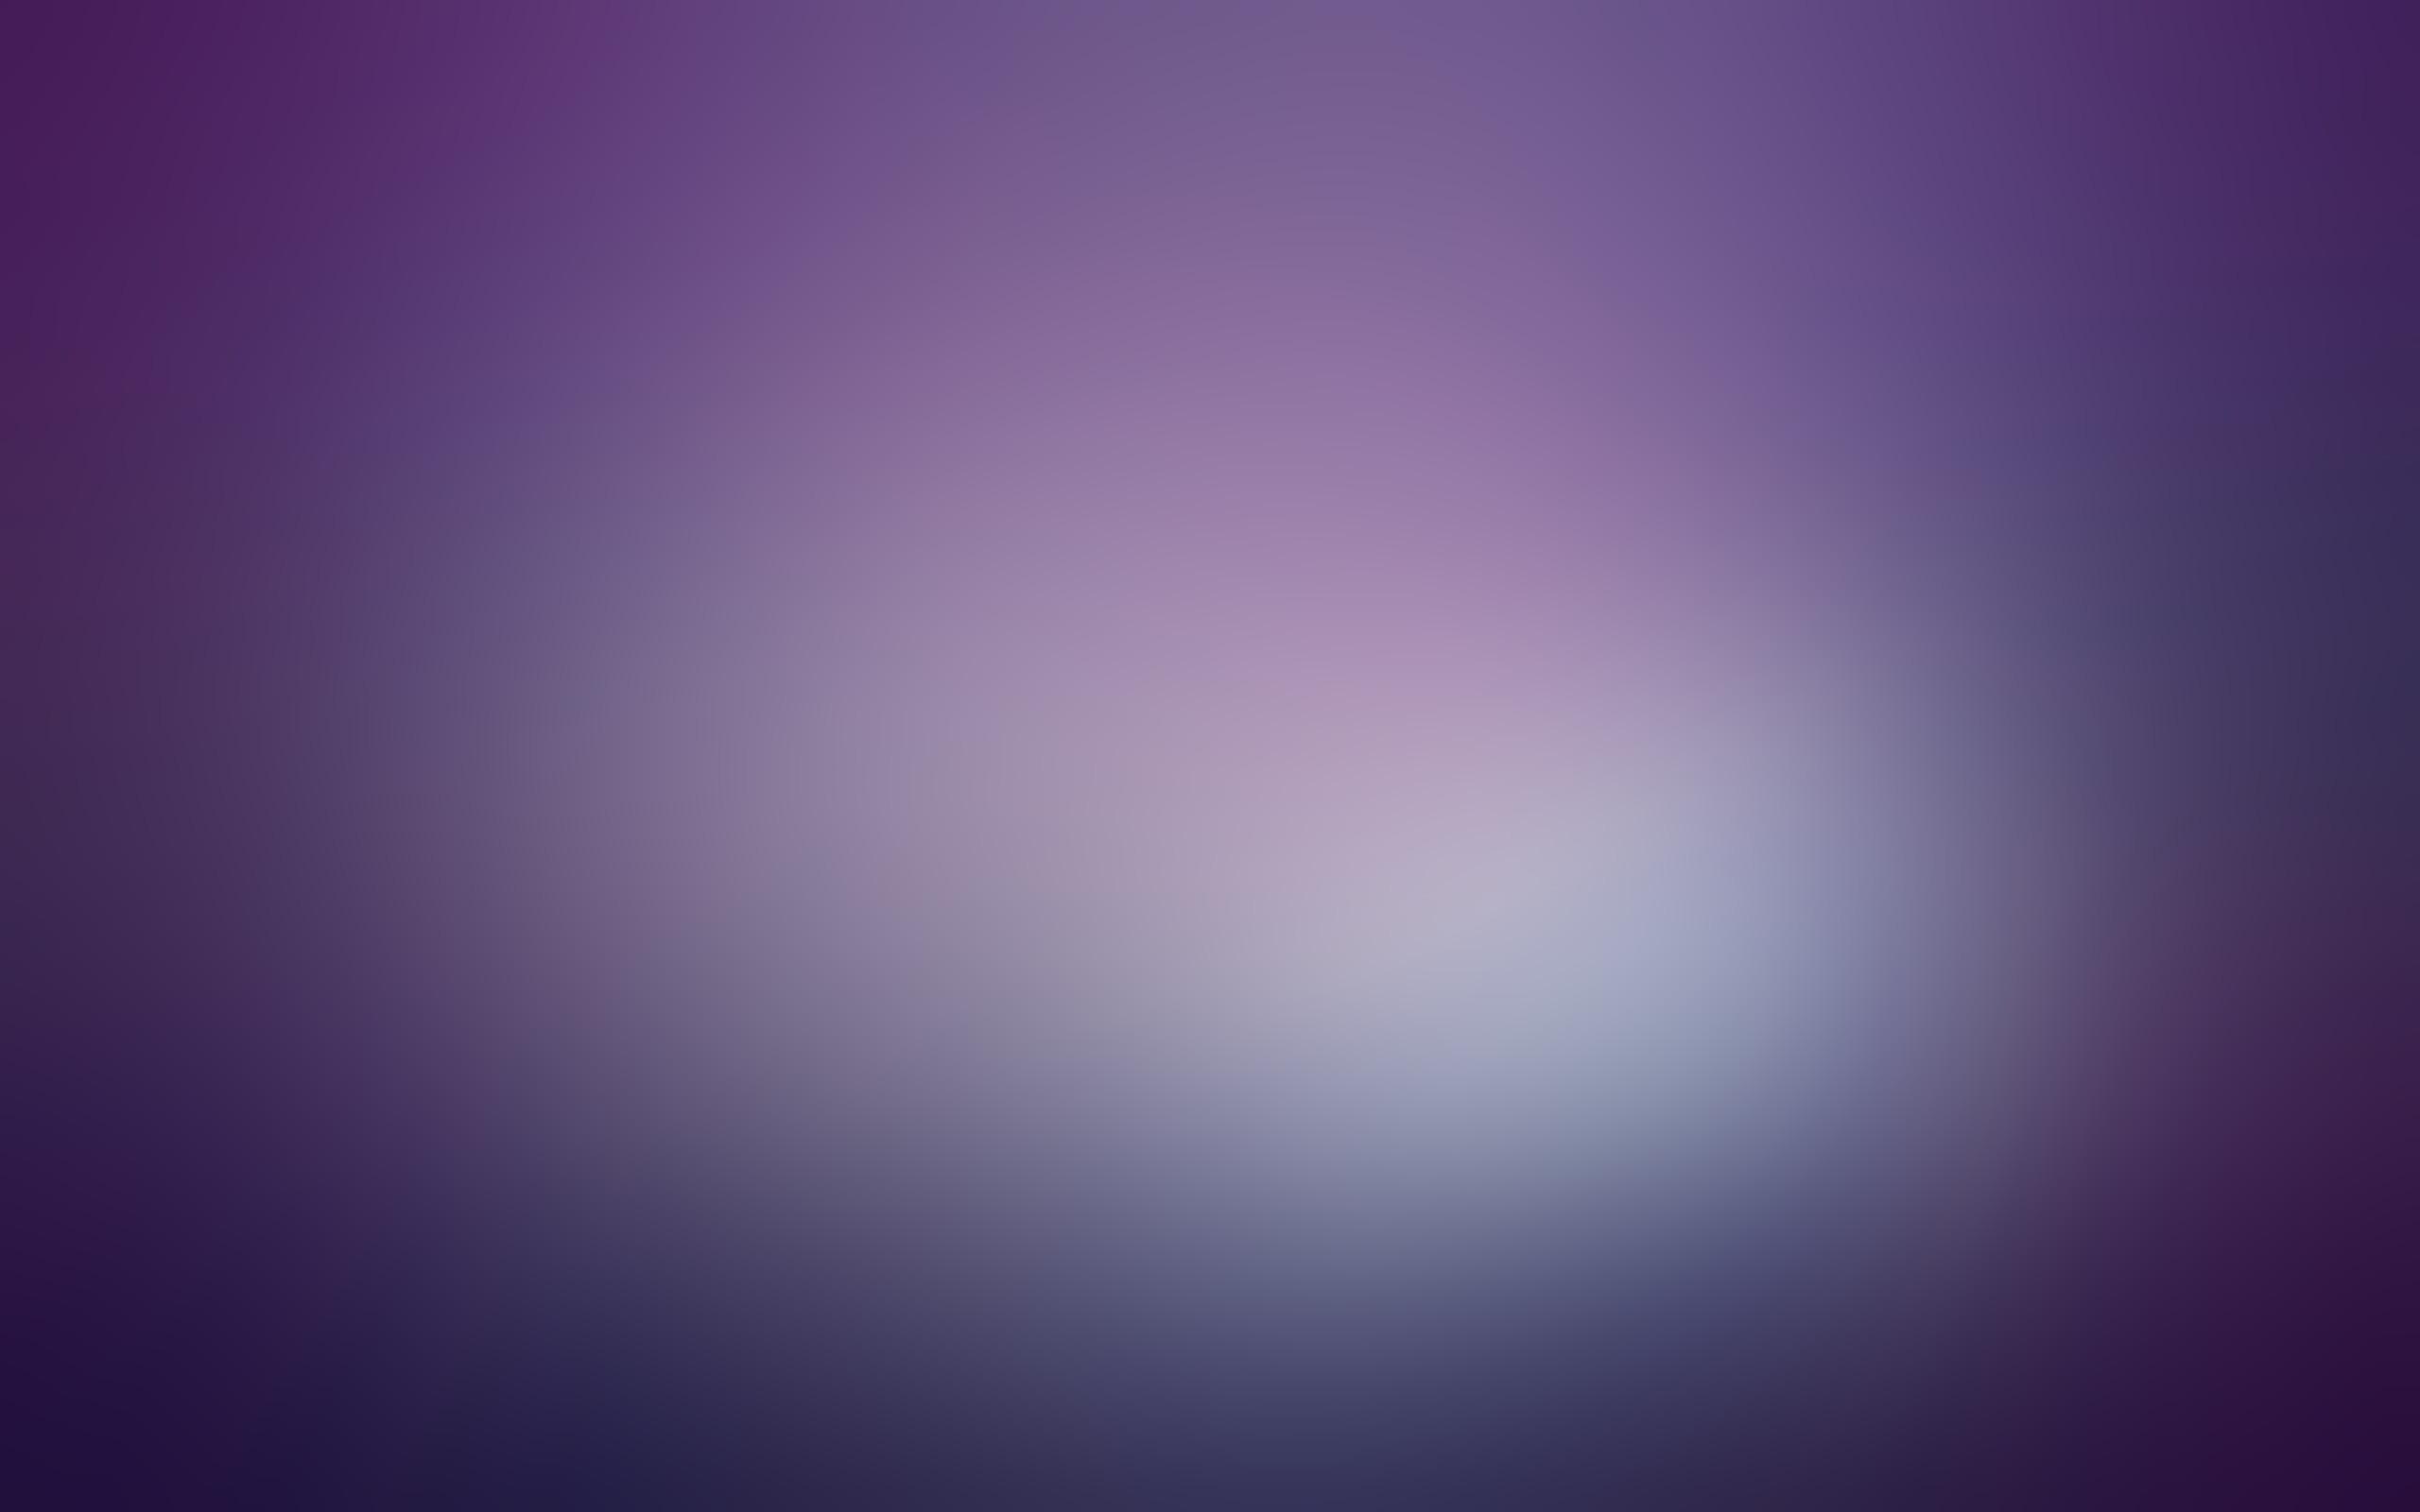 Purple Color Gradient